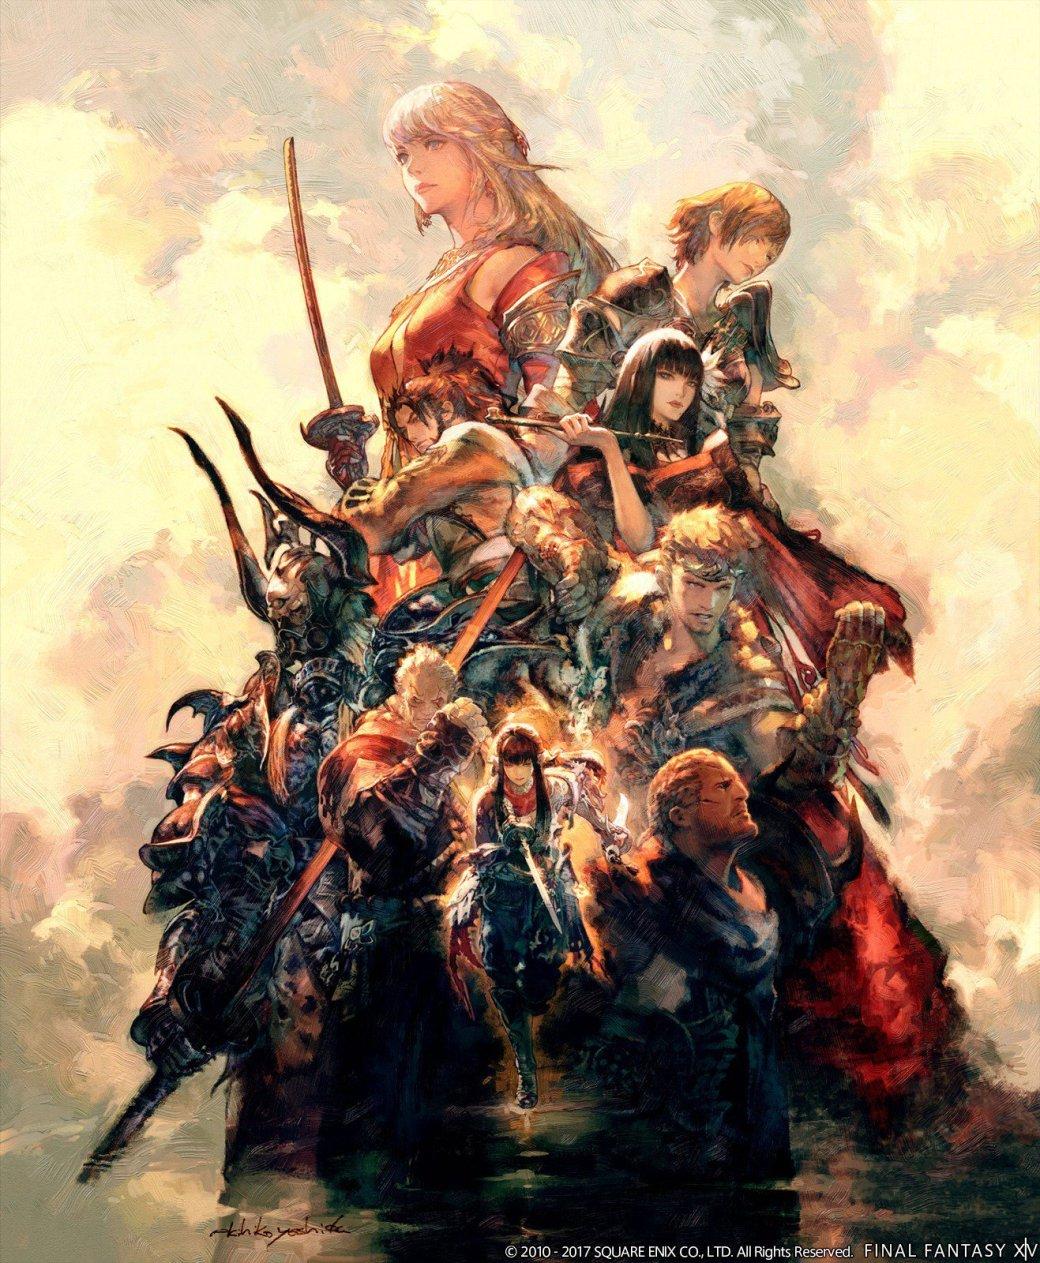 Final Fantasy XIV дважды попала в Книгу рекордов Гиннеса | Канобу - Изображение 1